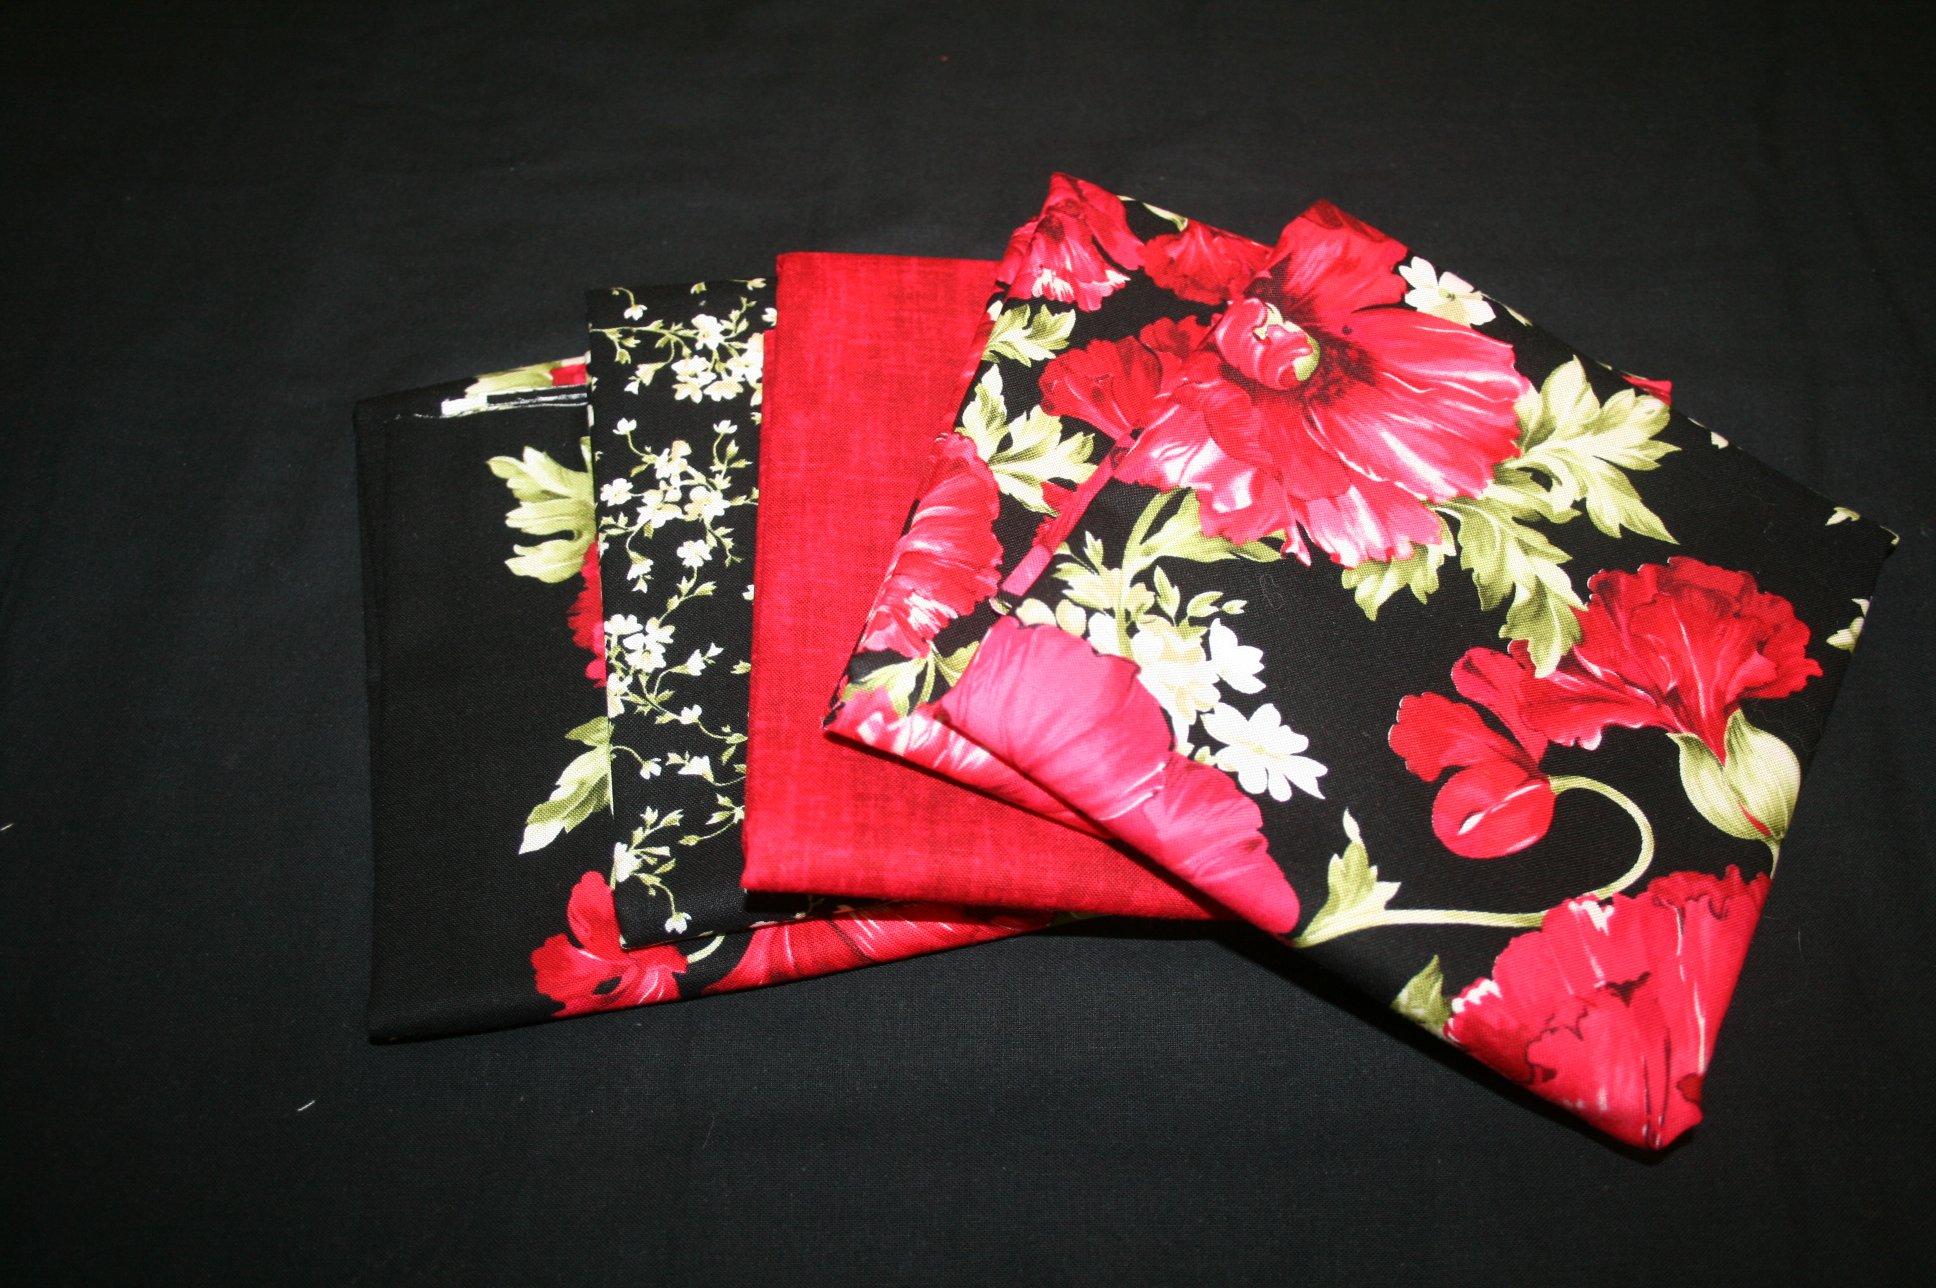 Audrey 1/2 cut bundle - 5 pieces